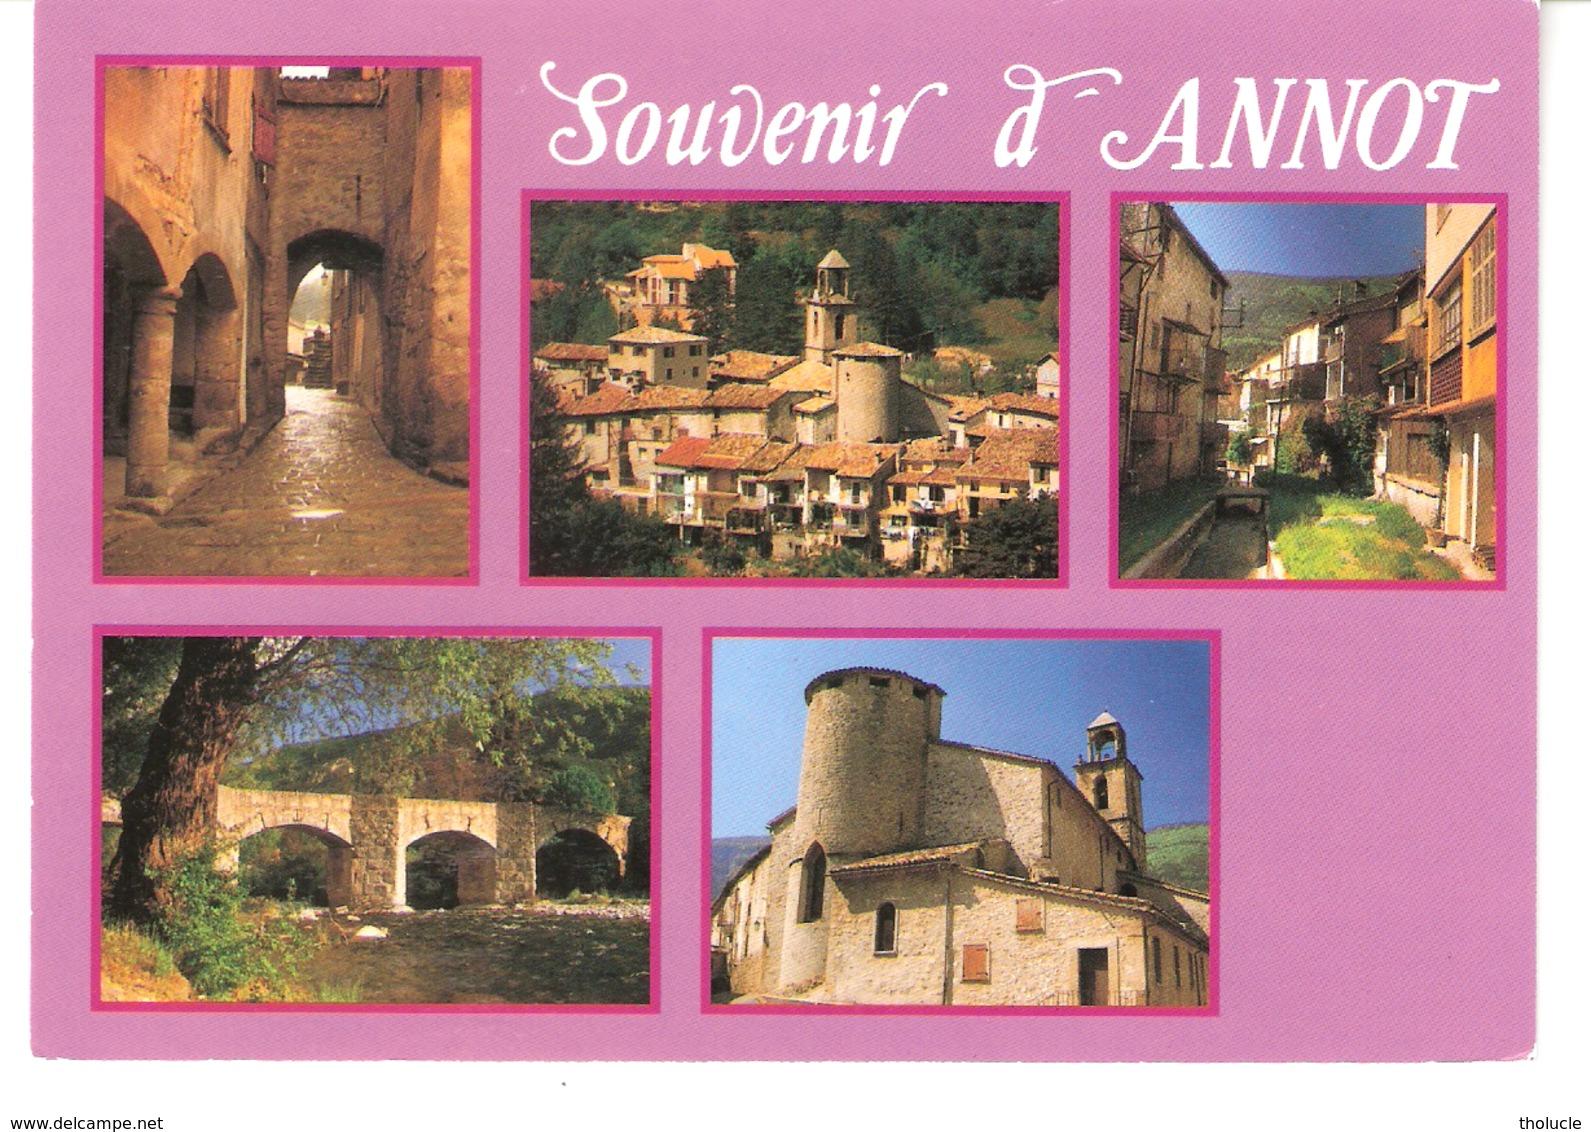 Souvenir D'Annot (Castellane-Alpes De Haute-Provence)-Multivues-Village-Bourg Situé Sur Les Bords De La Varie - Castellane